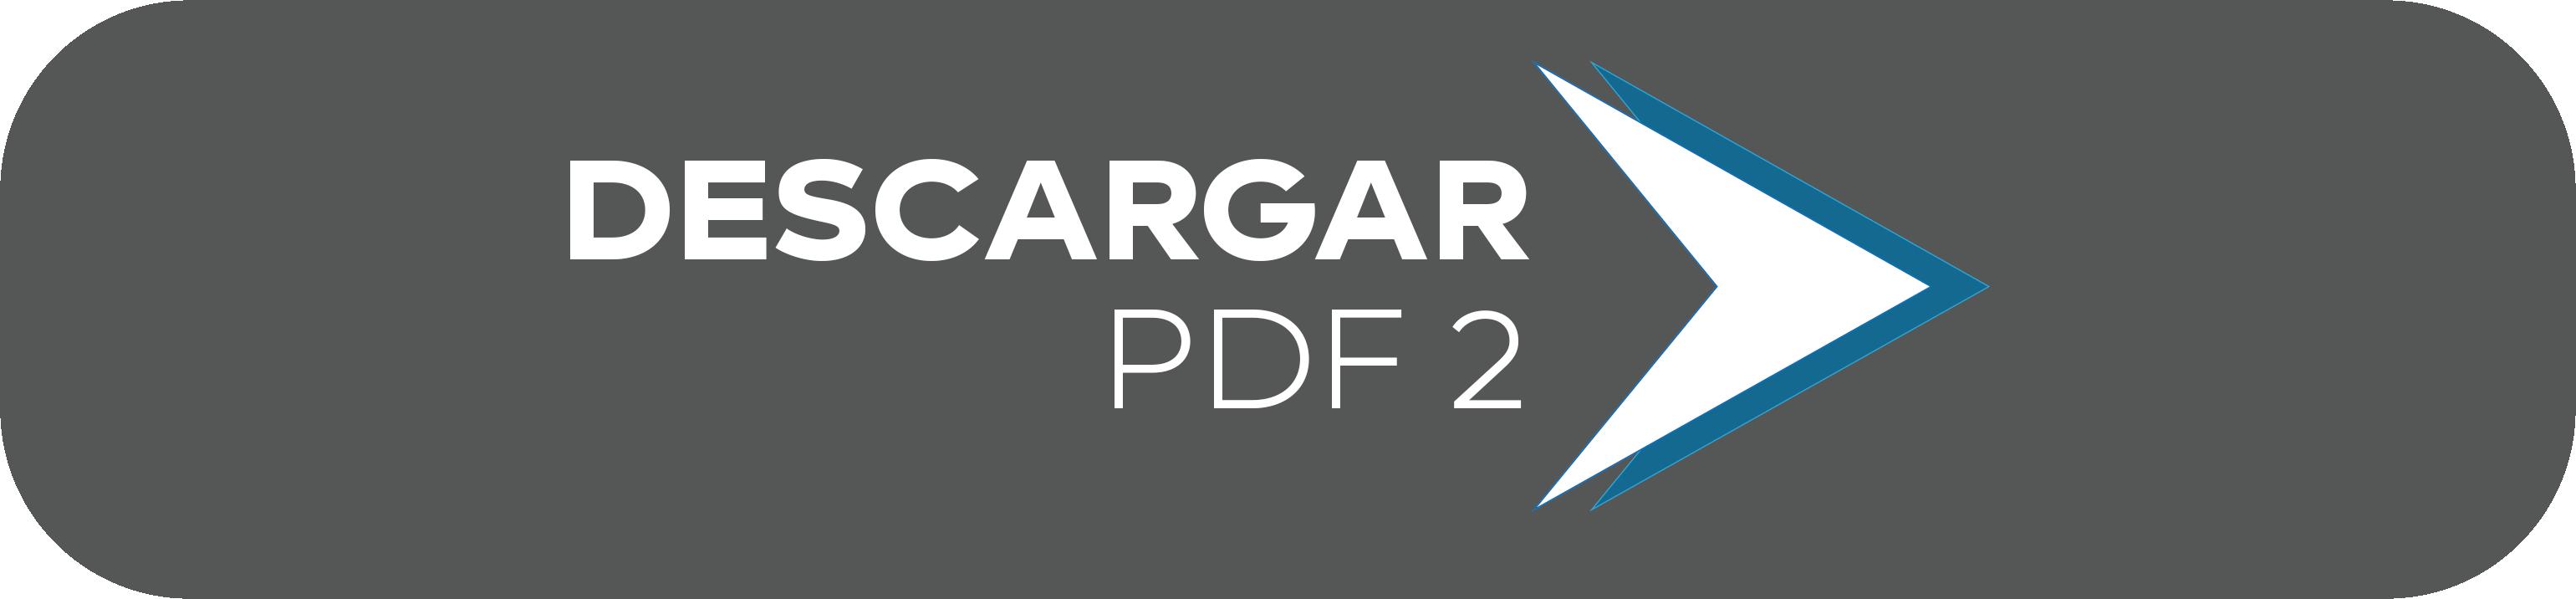 Descargar-PDF-2